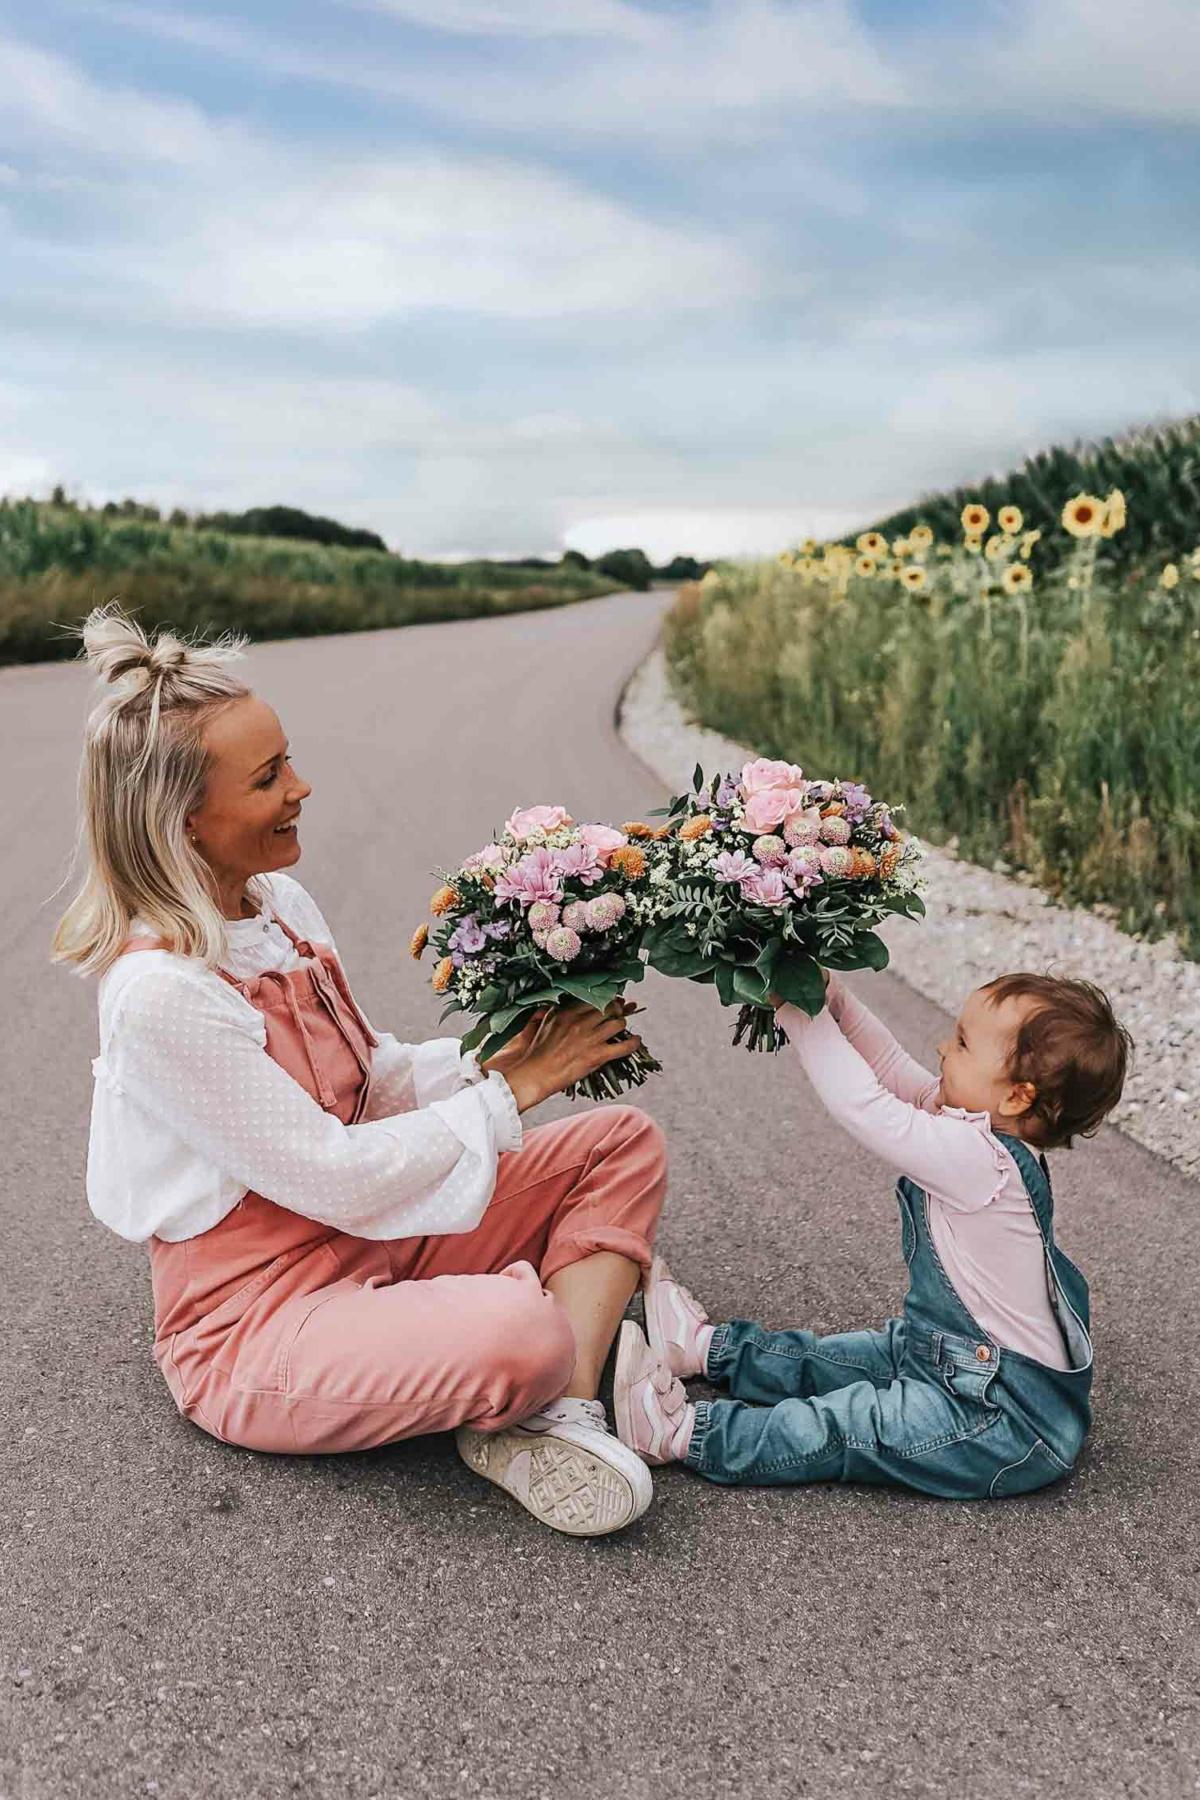 stylingliebe-lifestyleblogger-mamablog-familienblog-muenchen-lifestyleblog-blogger-deutschland-mamablogger-familienblog-als-ich-noch-ein-kind-war-3 (1)